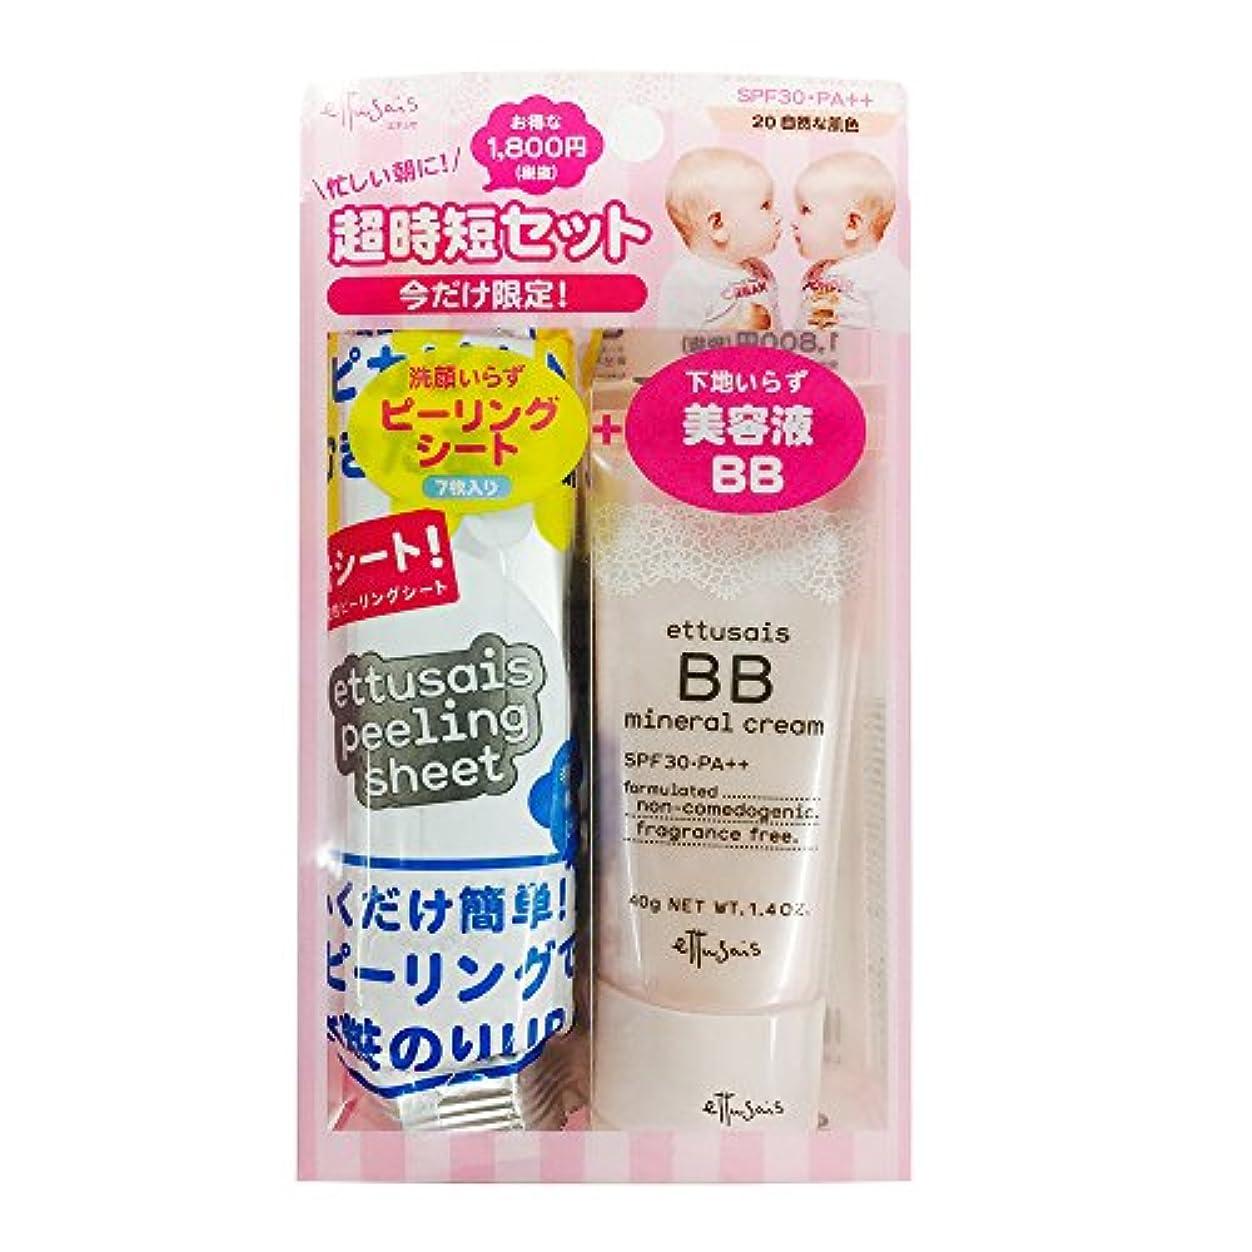 左フィッティングキモいエテュセ BBミネラルクリーム スペシャルケアセット 20 自然な肌色 (BBミネラルクリーム 40g +ピーリングシート 7枚)